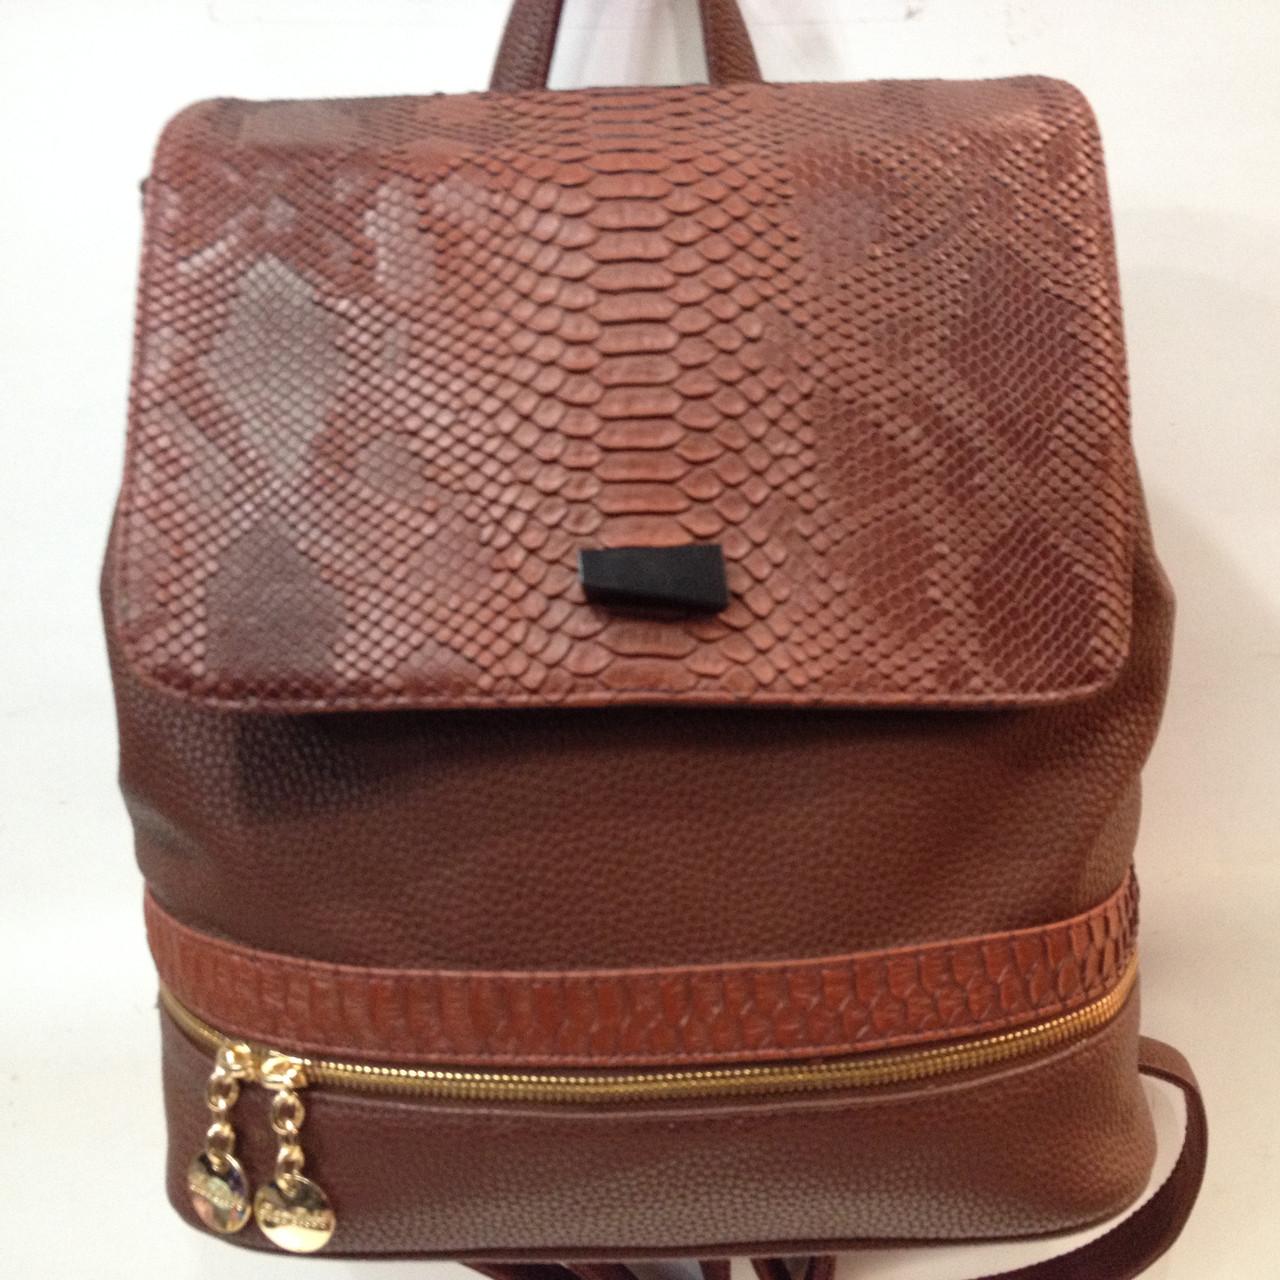 d8bd393e4a91 Красивый женский рюкзак. Стильный рюкзак. Рюкзак для девочки. Вместительный  рюкзак.(29х31см